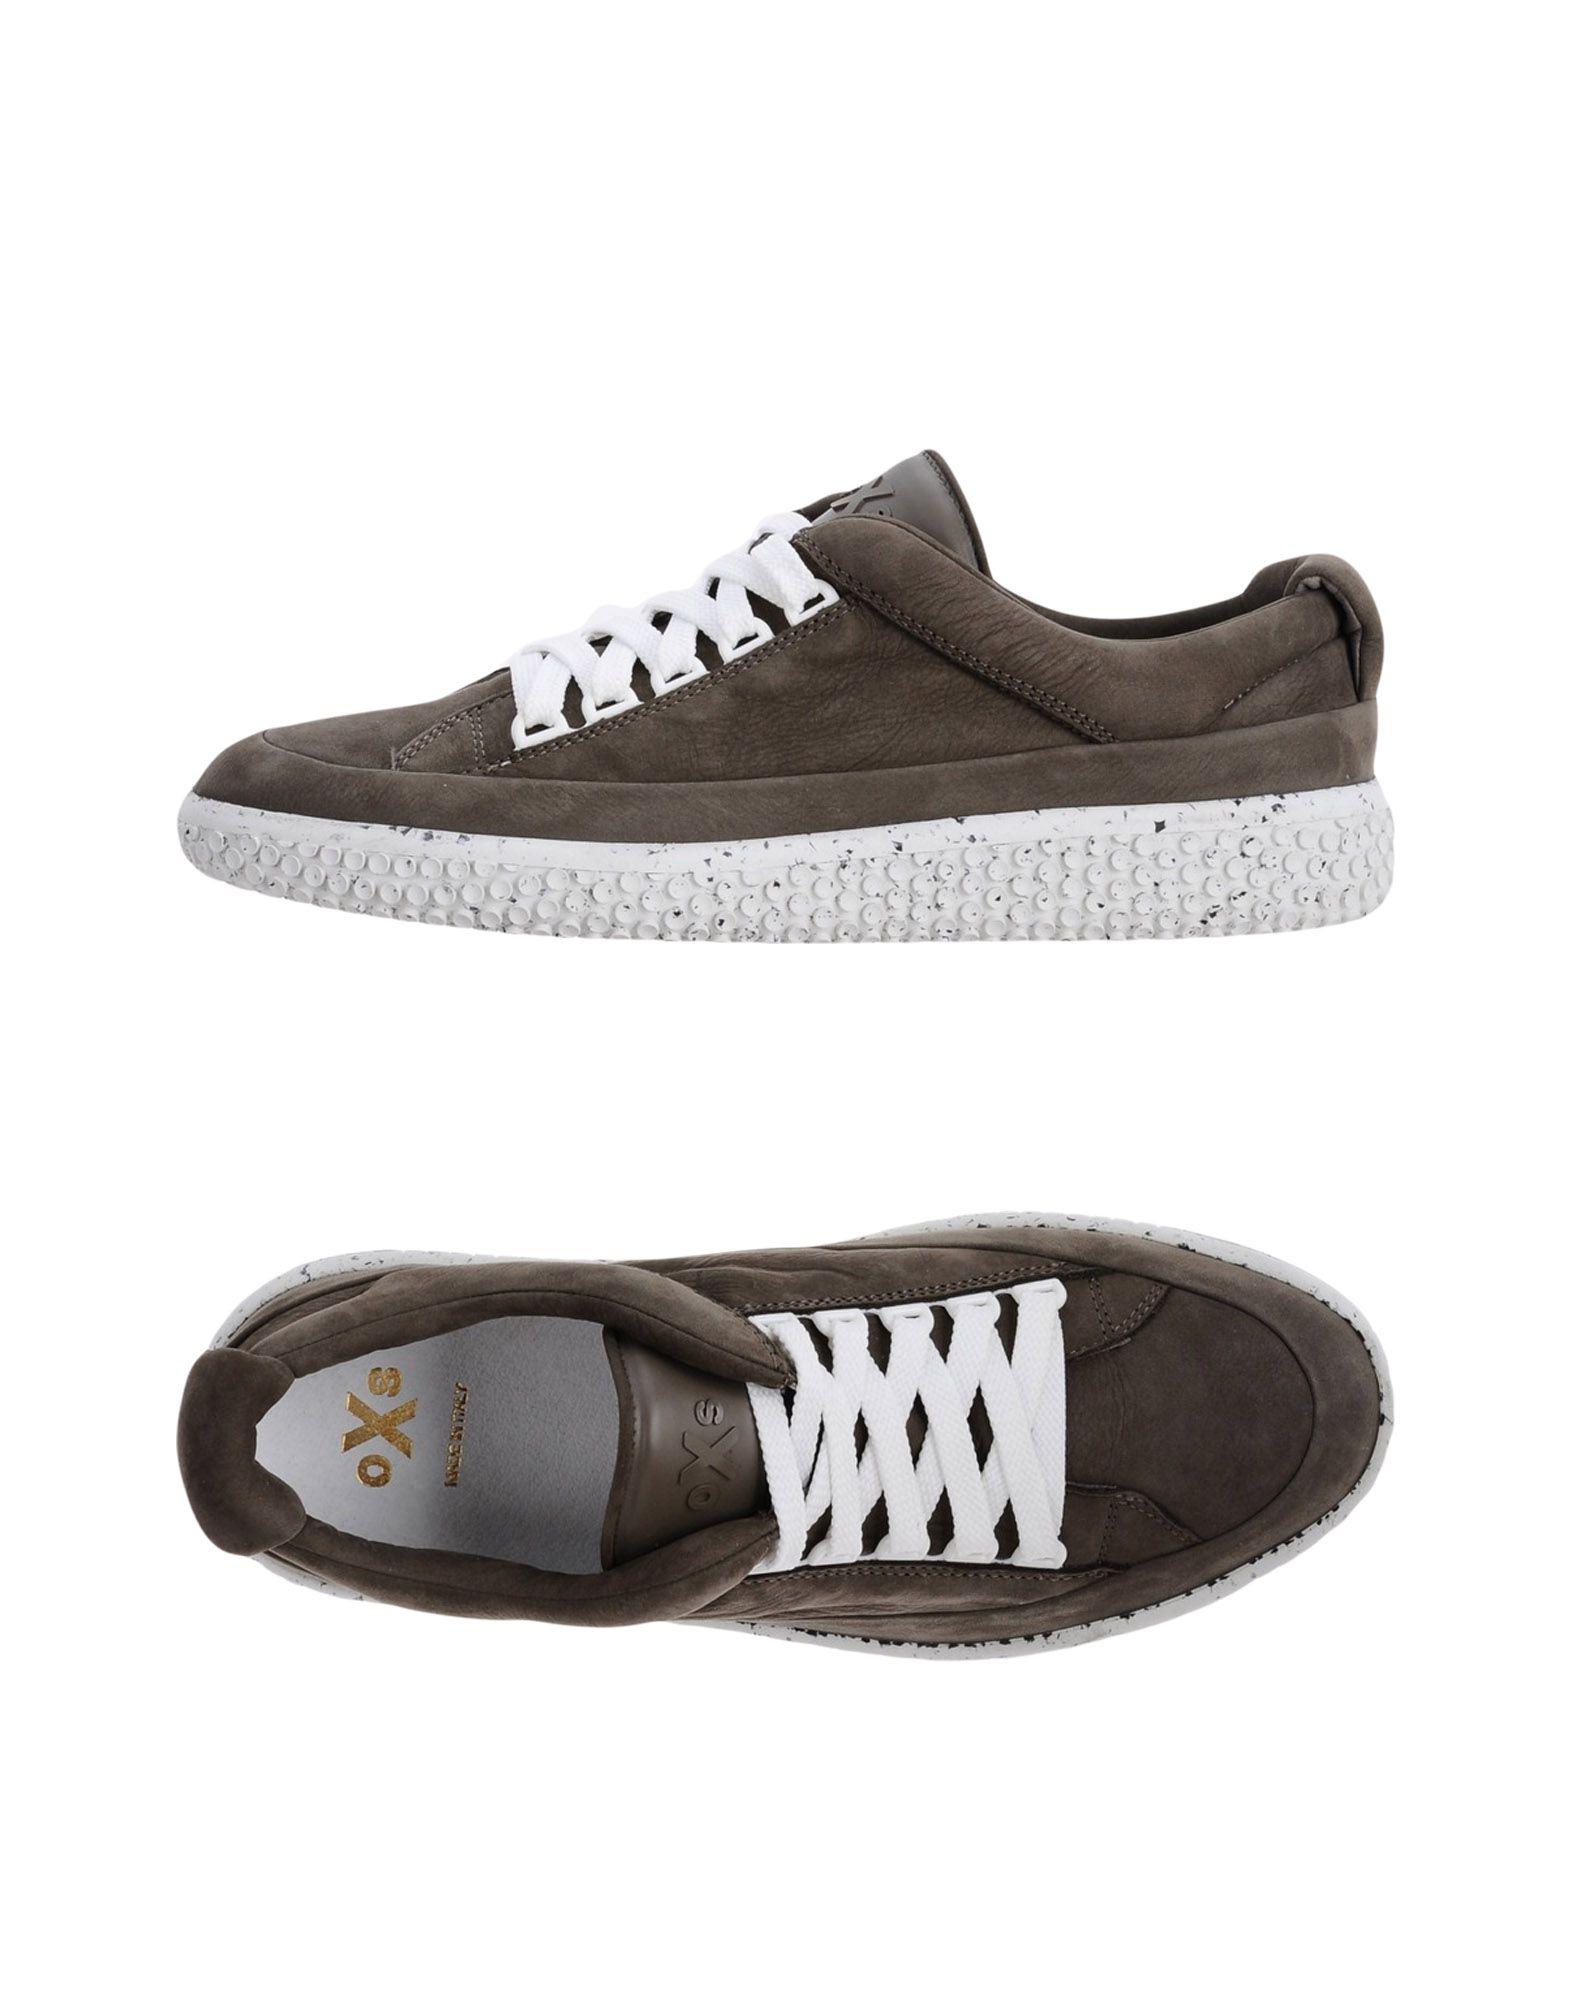 Haltbare Mode billige Schuhe O.X.S. Sneakers Herren  11354922UO Heiße Schuhe